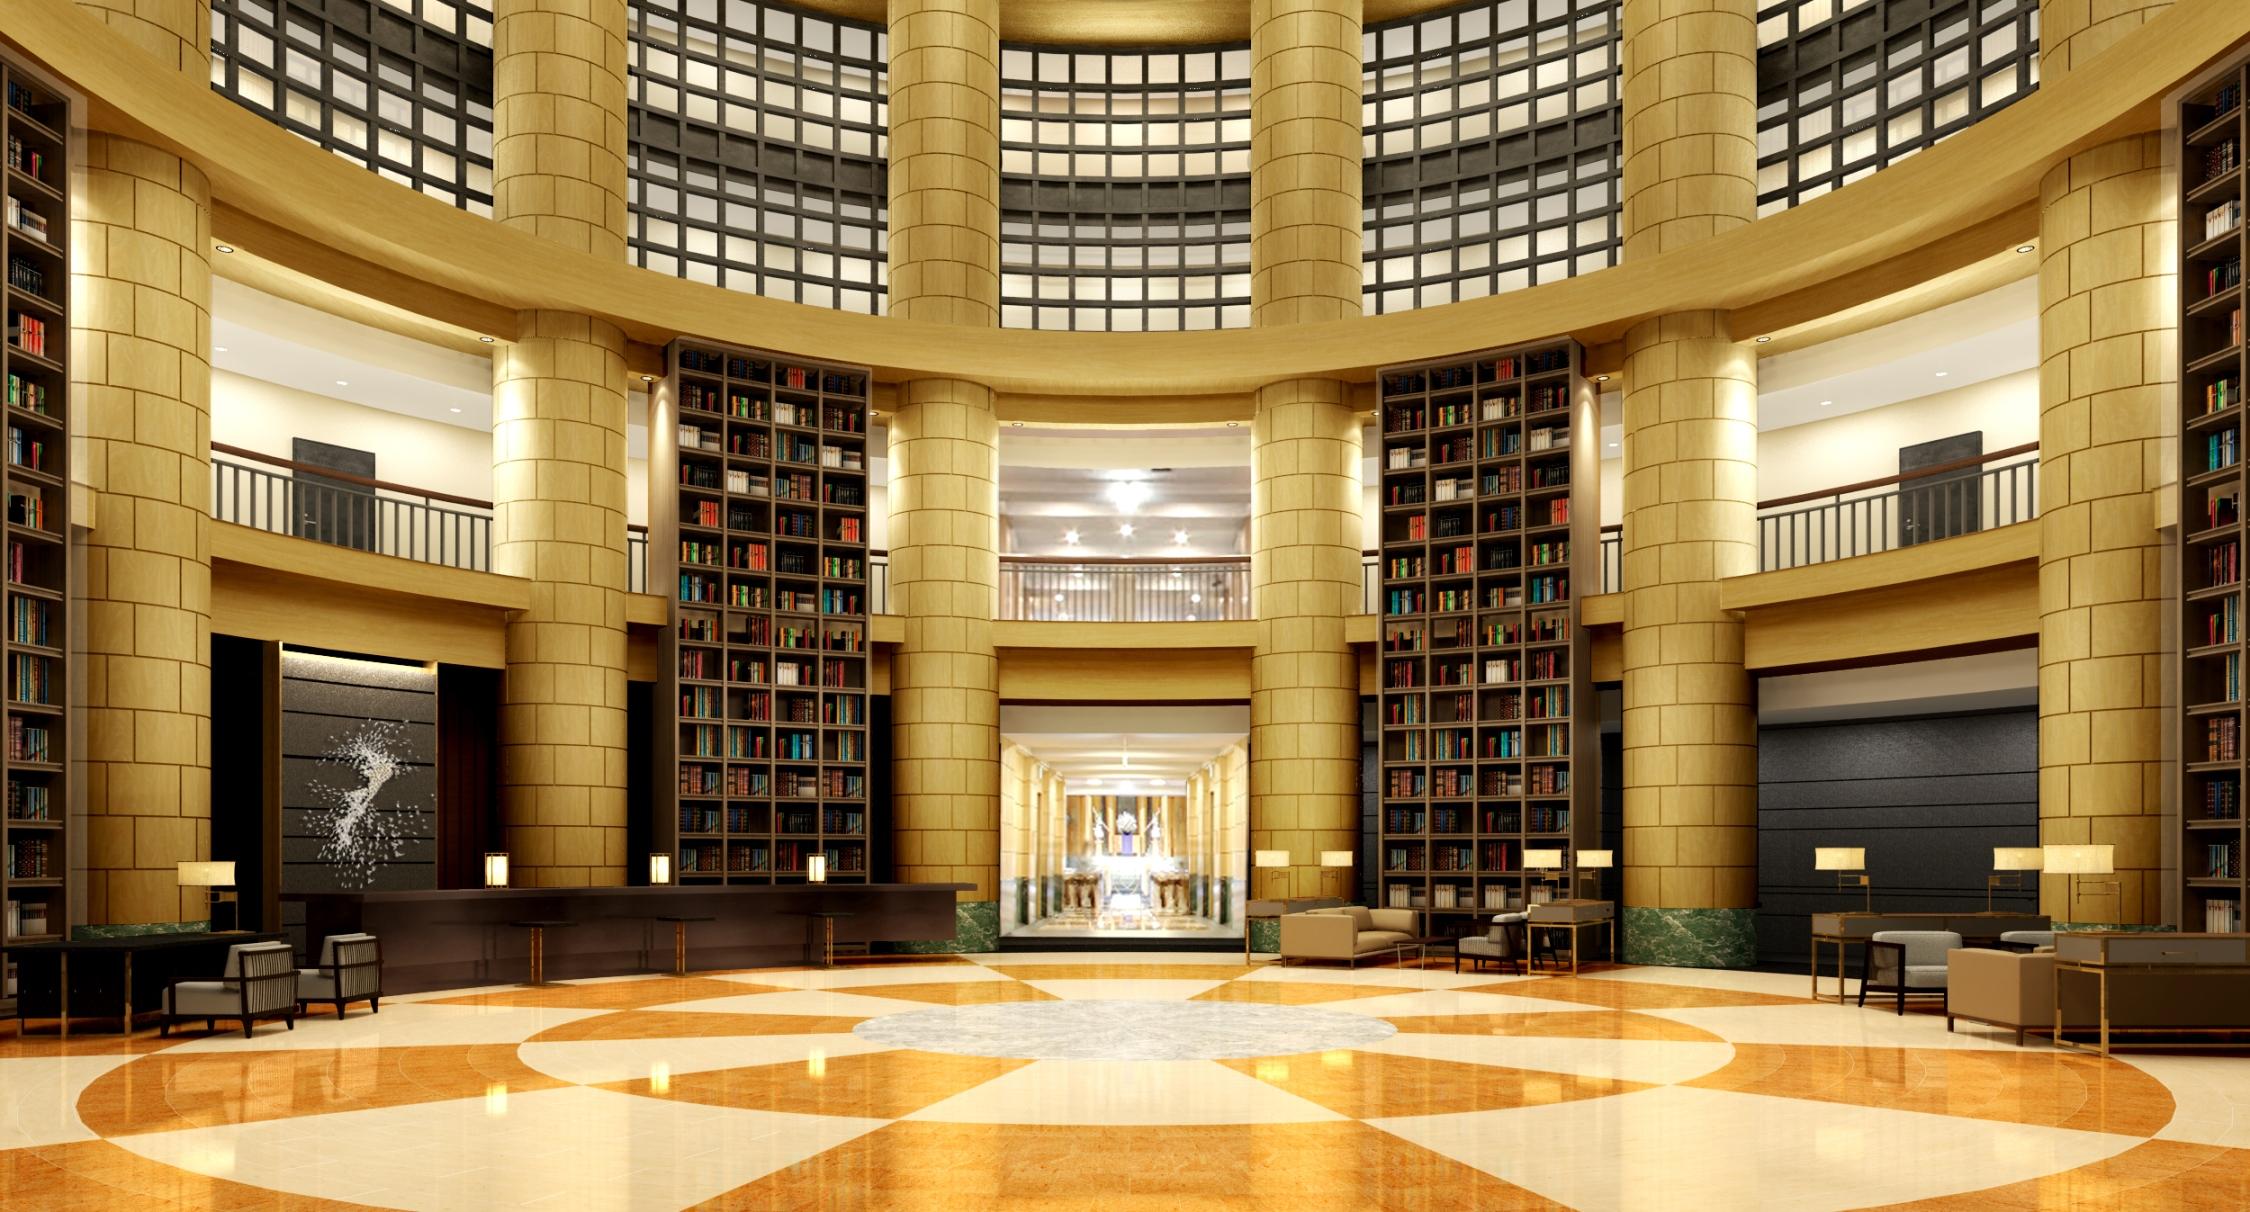 the-basics-fukuoka-hotel-%e4%bd%8f%e5%ae%bf%e7%a6%8f%e5%b2%a1-%e5%ae%bf%e6%b3%8a%e7%a6%8f%e5%b2%a1-3-2